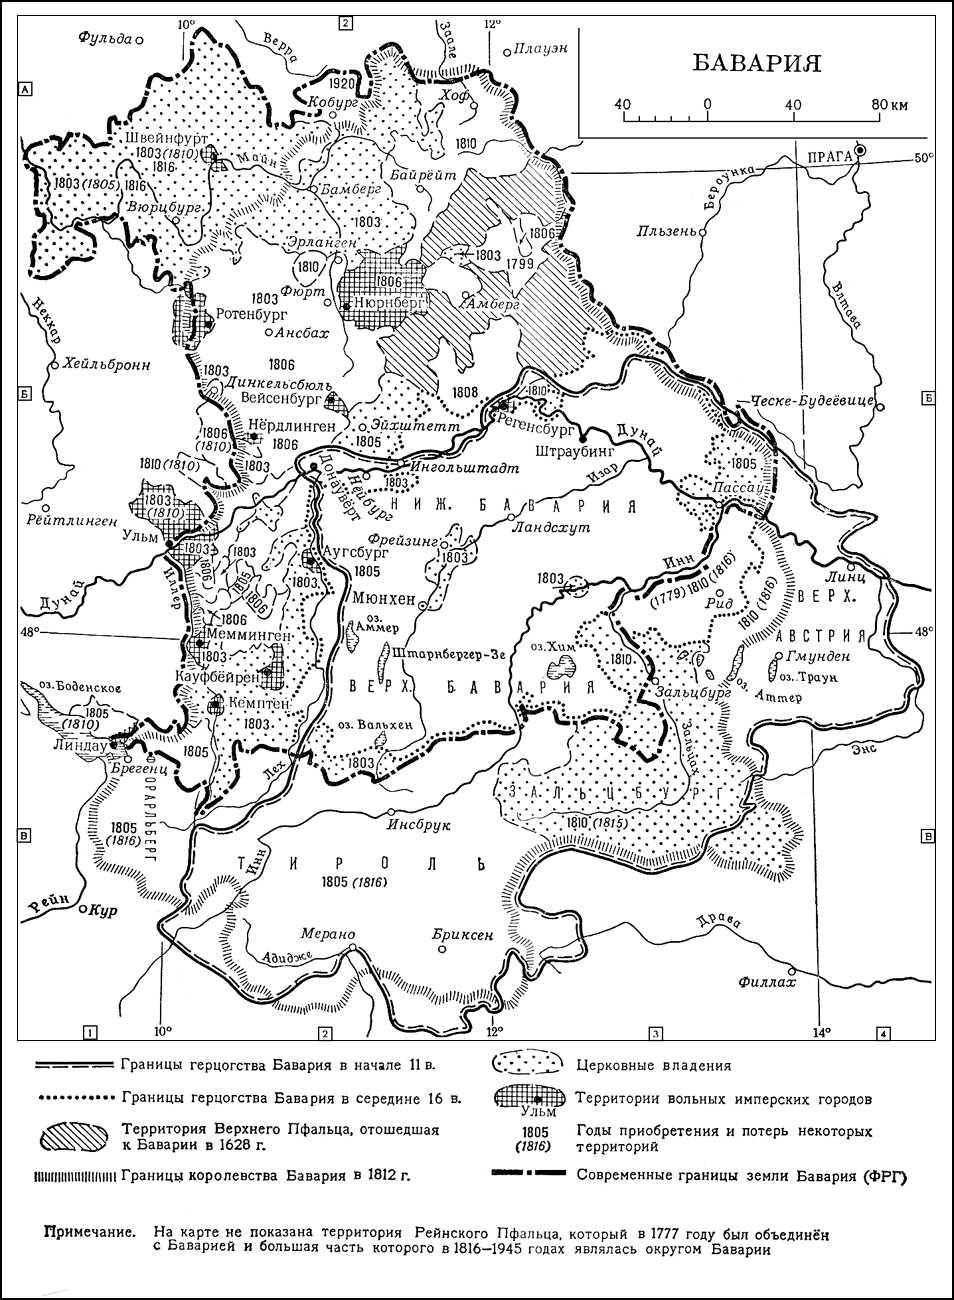 Бавария. Территориальные изменения. Бавария.